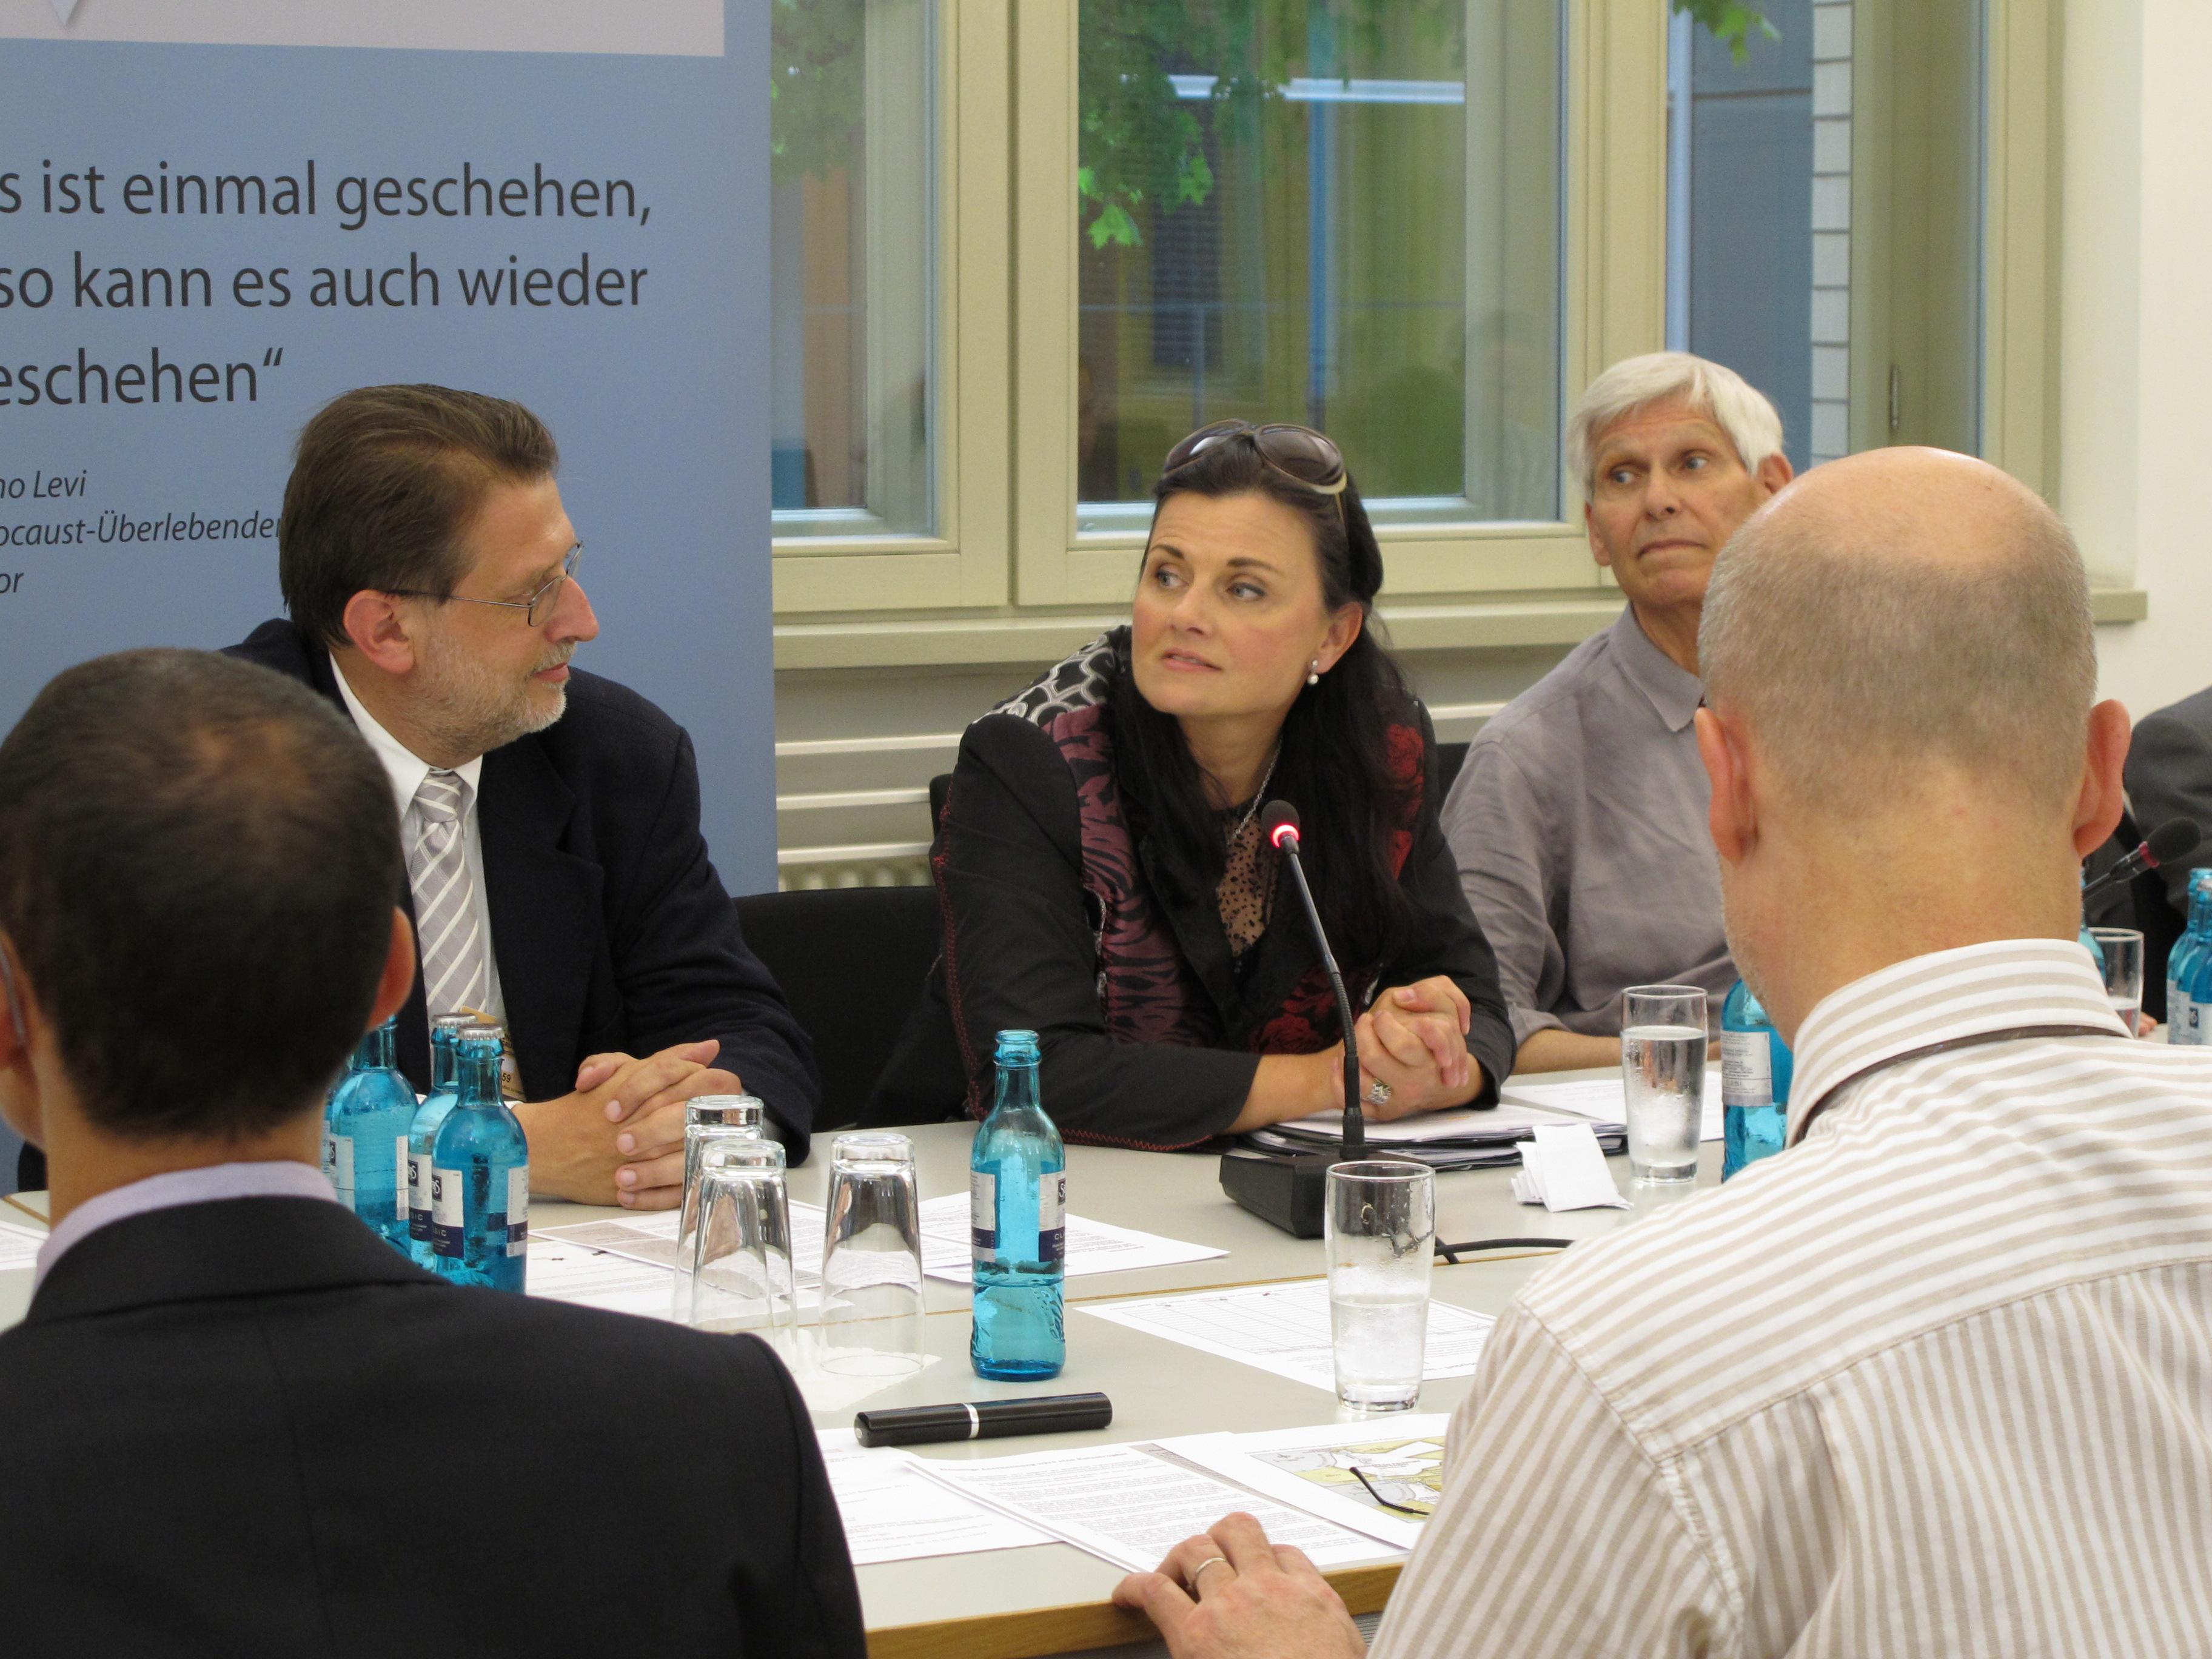 Symposium am 08.06.2011 im Jakob-Kaiser-Haus des Deutschen Bundestags mit Harald Eckert, Gitta Connemann MdB und Prof. Gert Weisskirchen (v.l.n.r.), Foto: Torsten Roeder